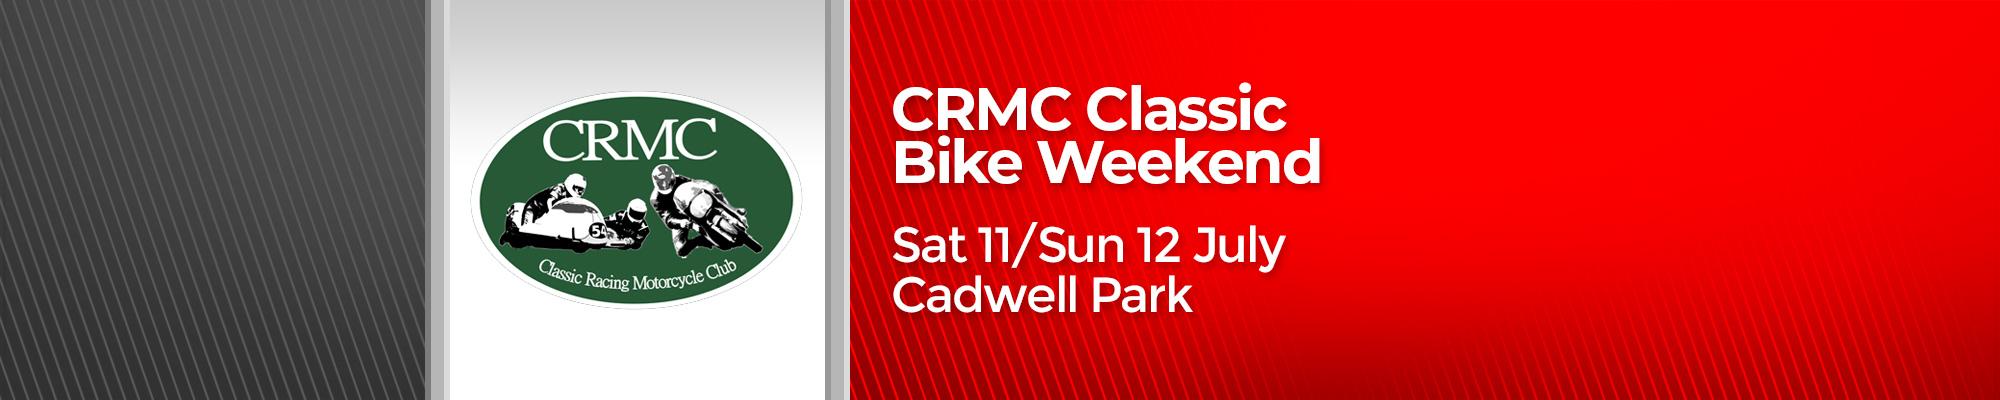 CRMC Classic Bike Weekend